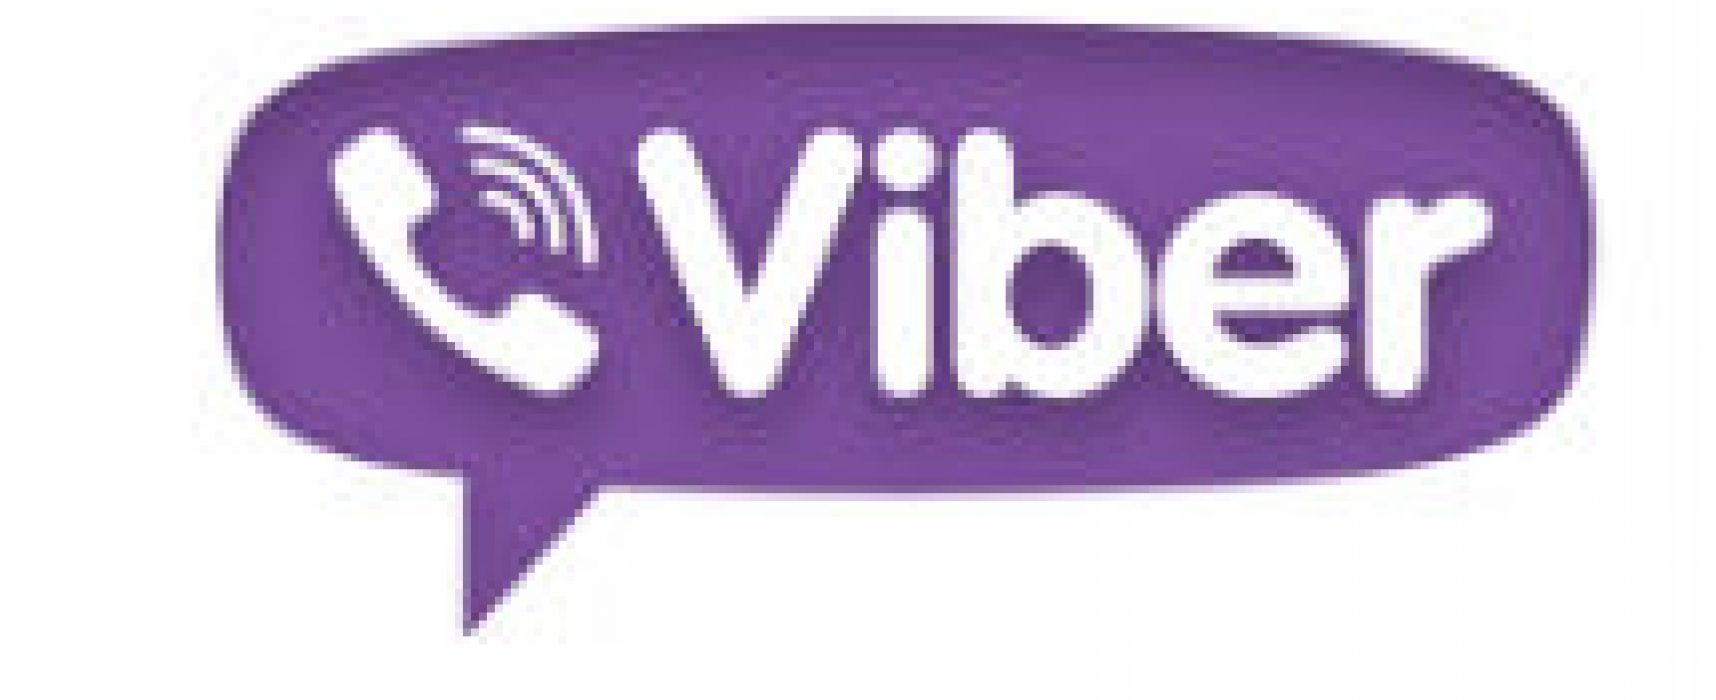 Глава Минкомсвязи не исключает запрета мессенджера Viber